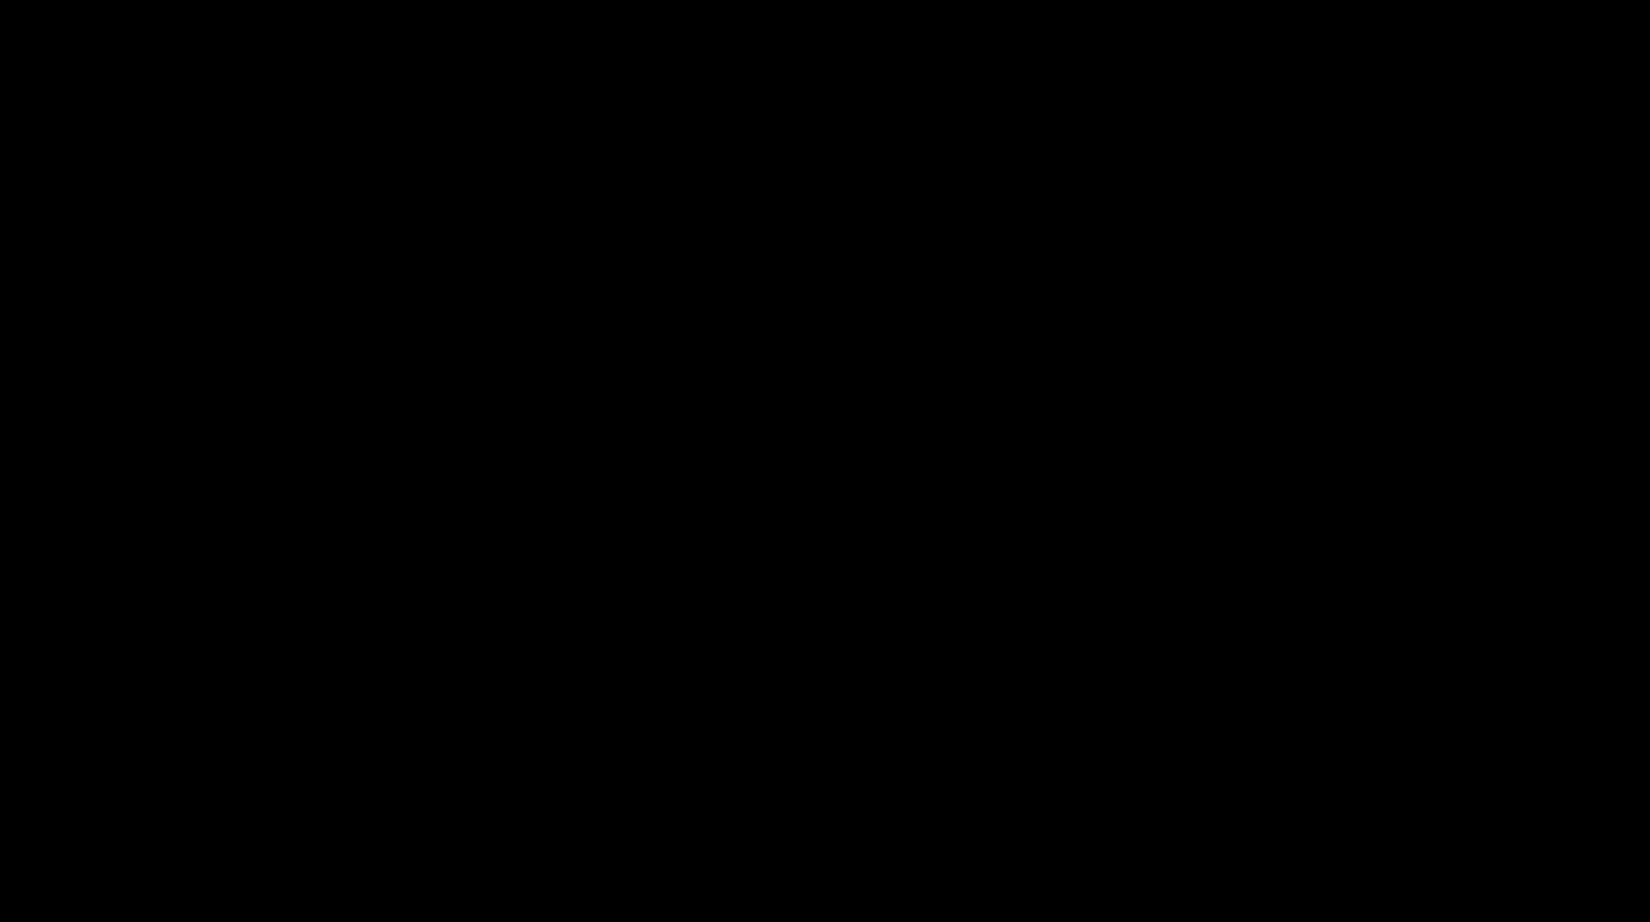 Schermafbeelding 2020-06-17 om 21.22.44kopie